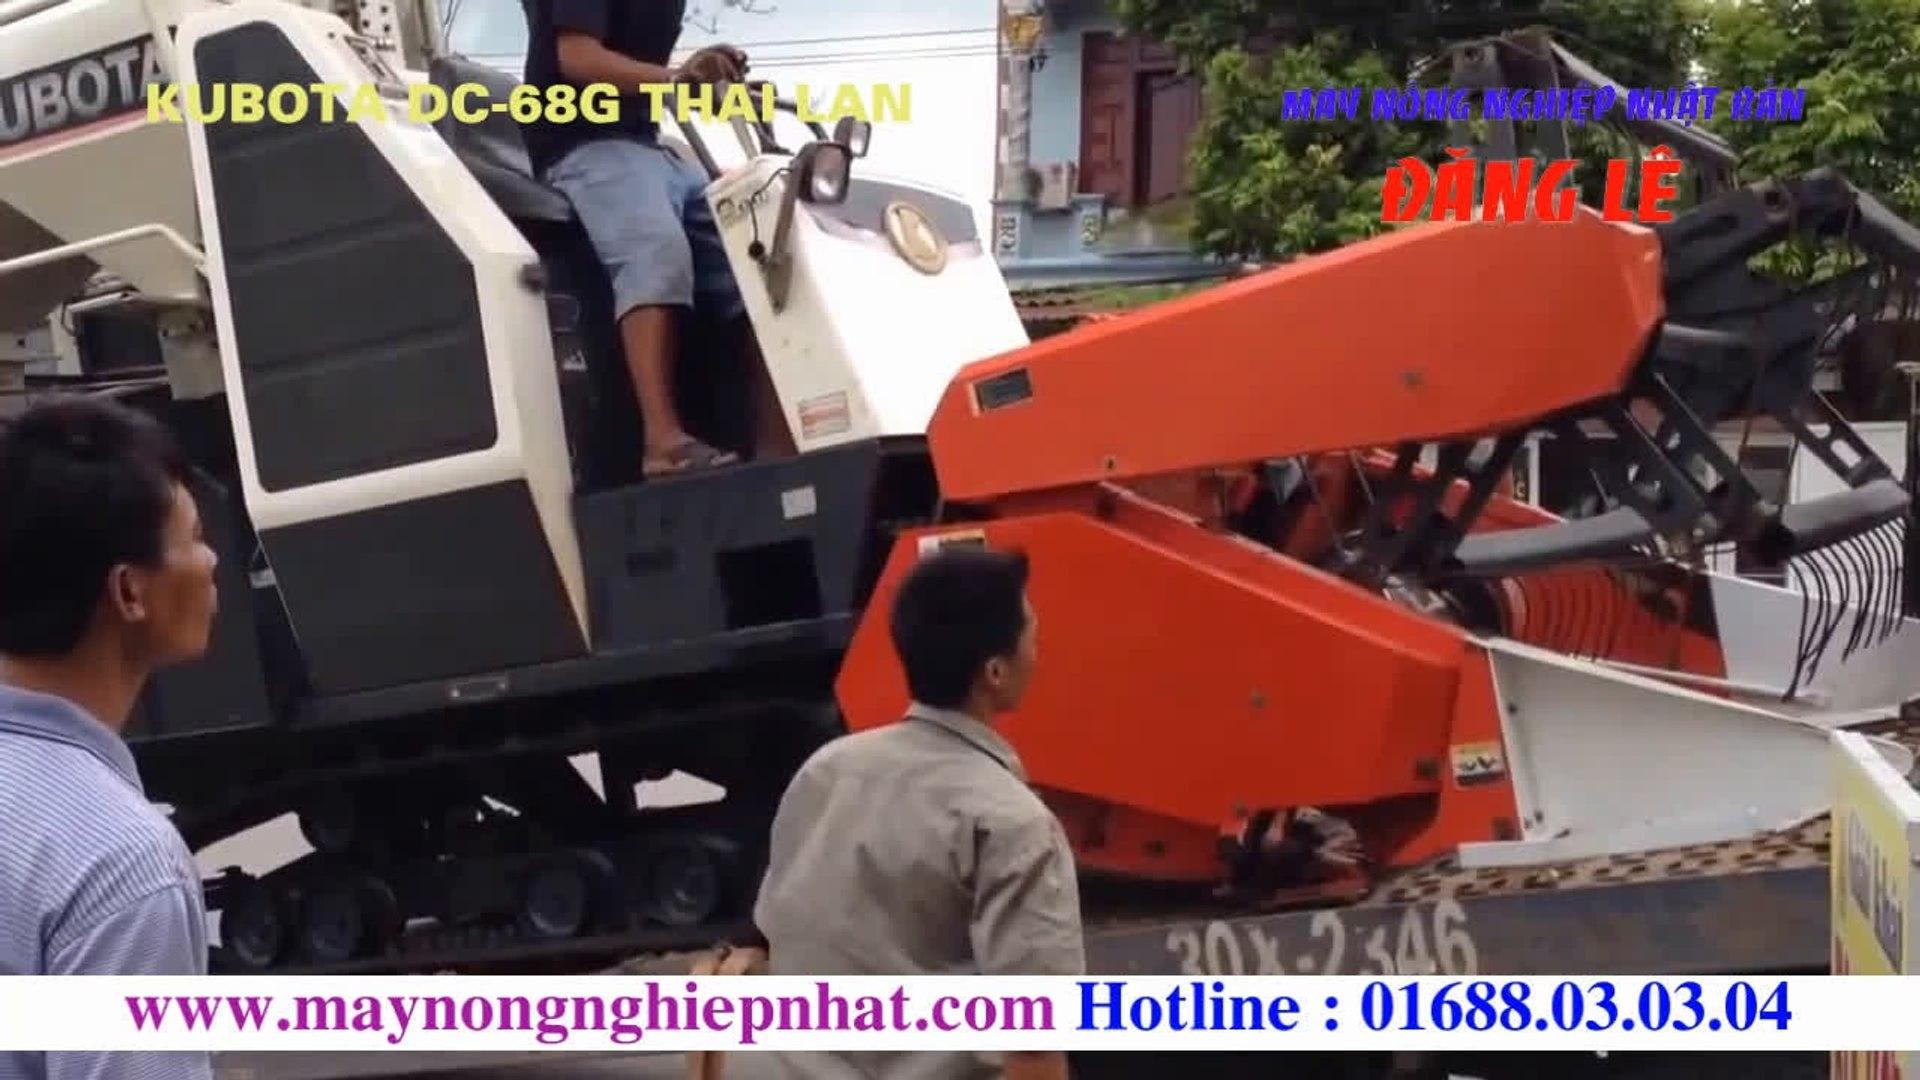 [Đăng Lê]Khách hàng tin tưởng Liên tục Xuất bán máy gặt Kubota DC-68G Thái Lan cho khách hàng ở Bắc